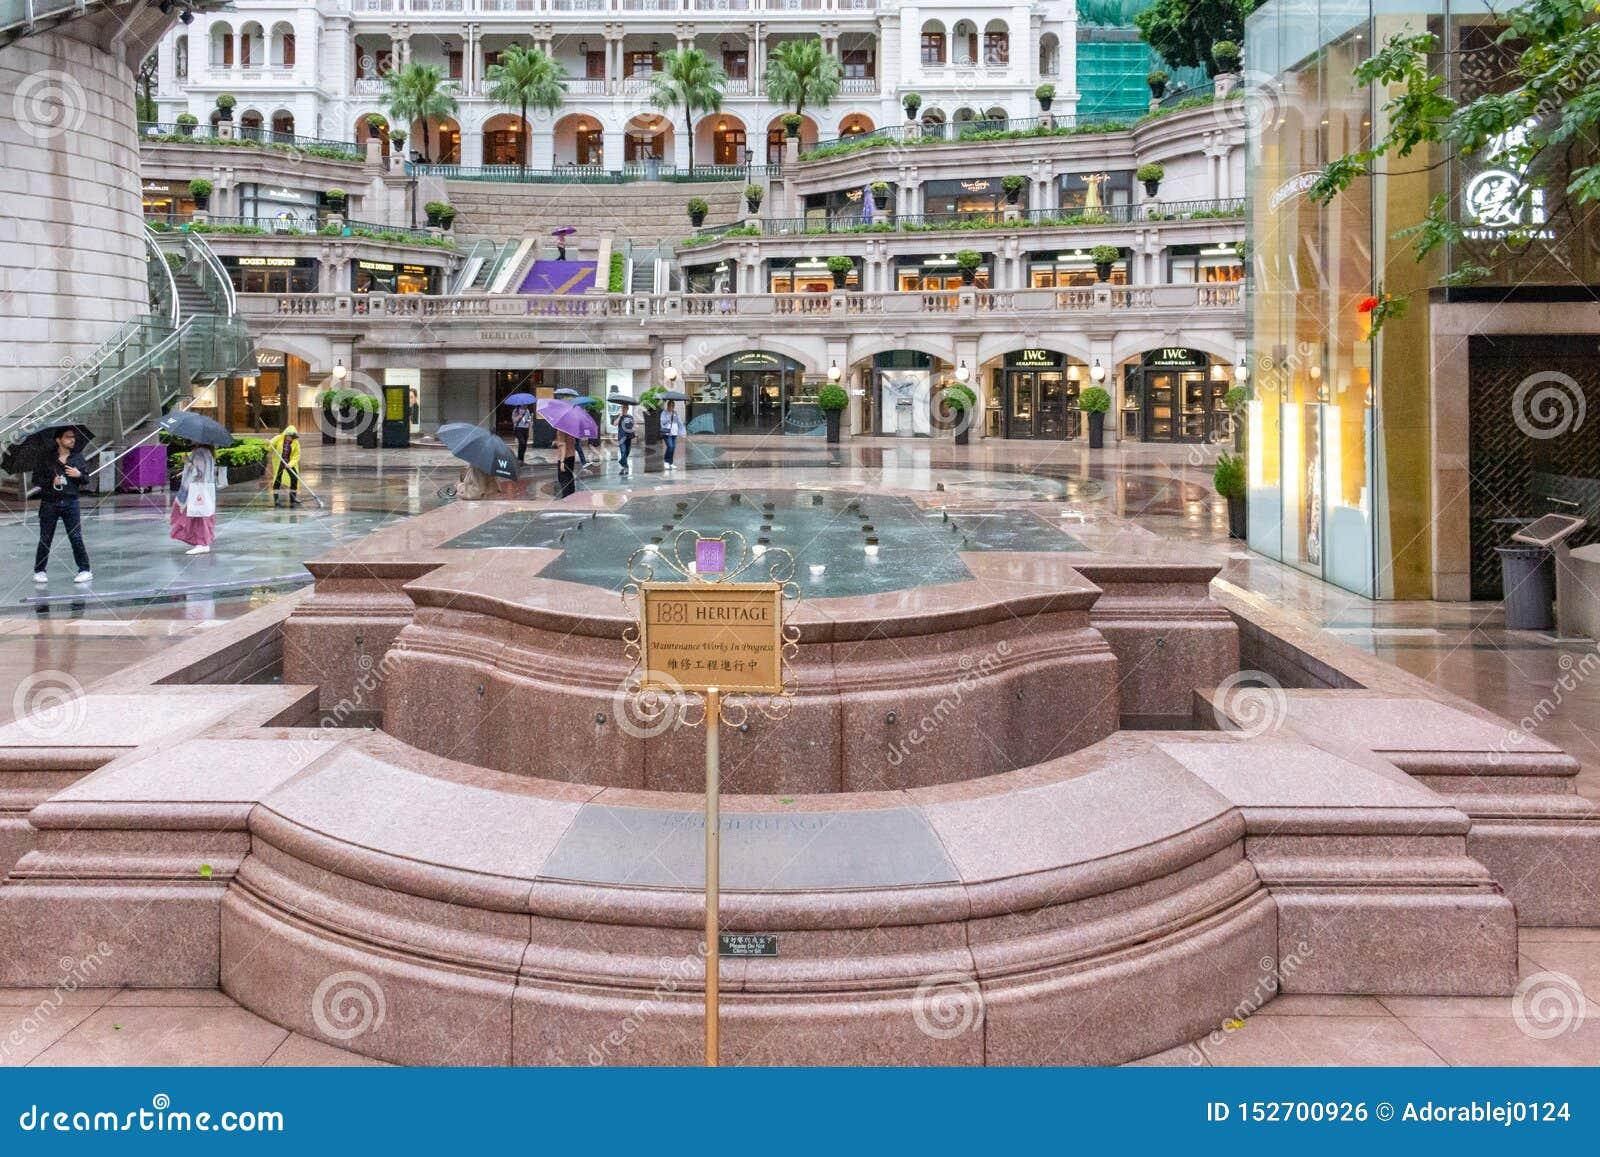 Shopping 1881 da herança em Tsim Sha Tsui, Kowloon, Hong Kong